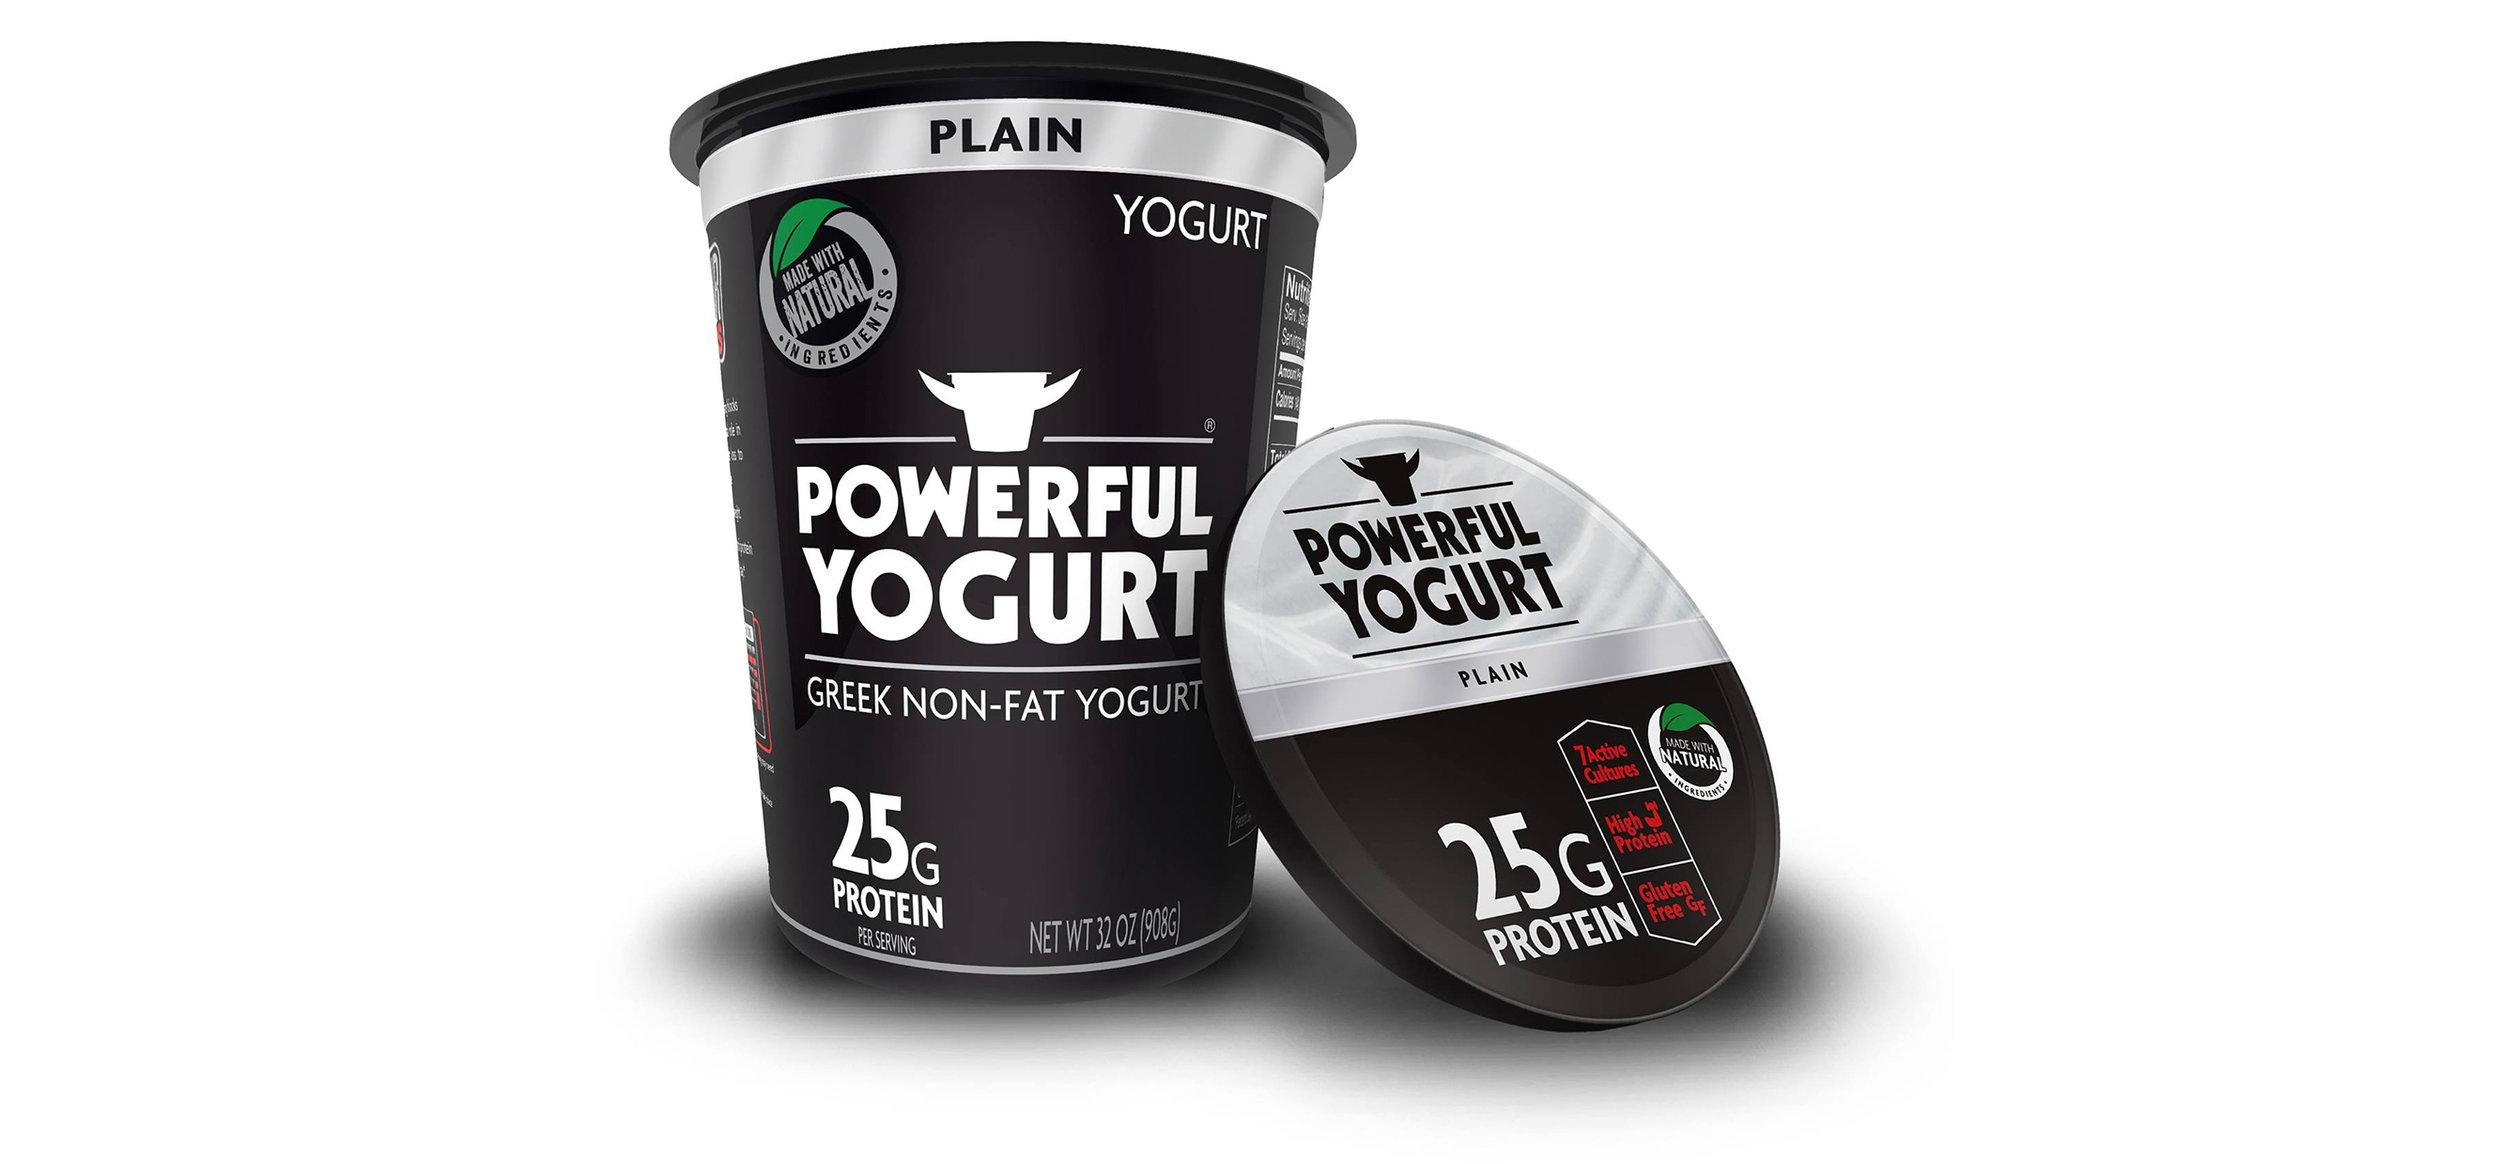 Image courtesy of Powerful Yogurt